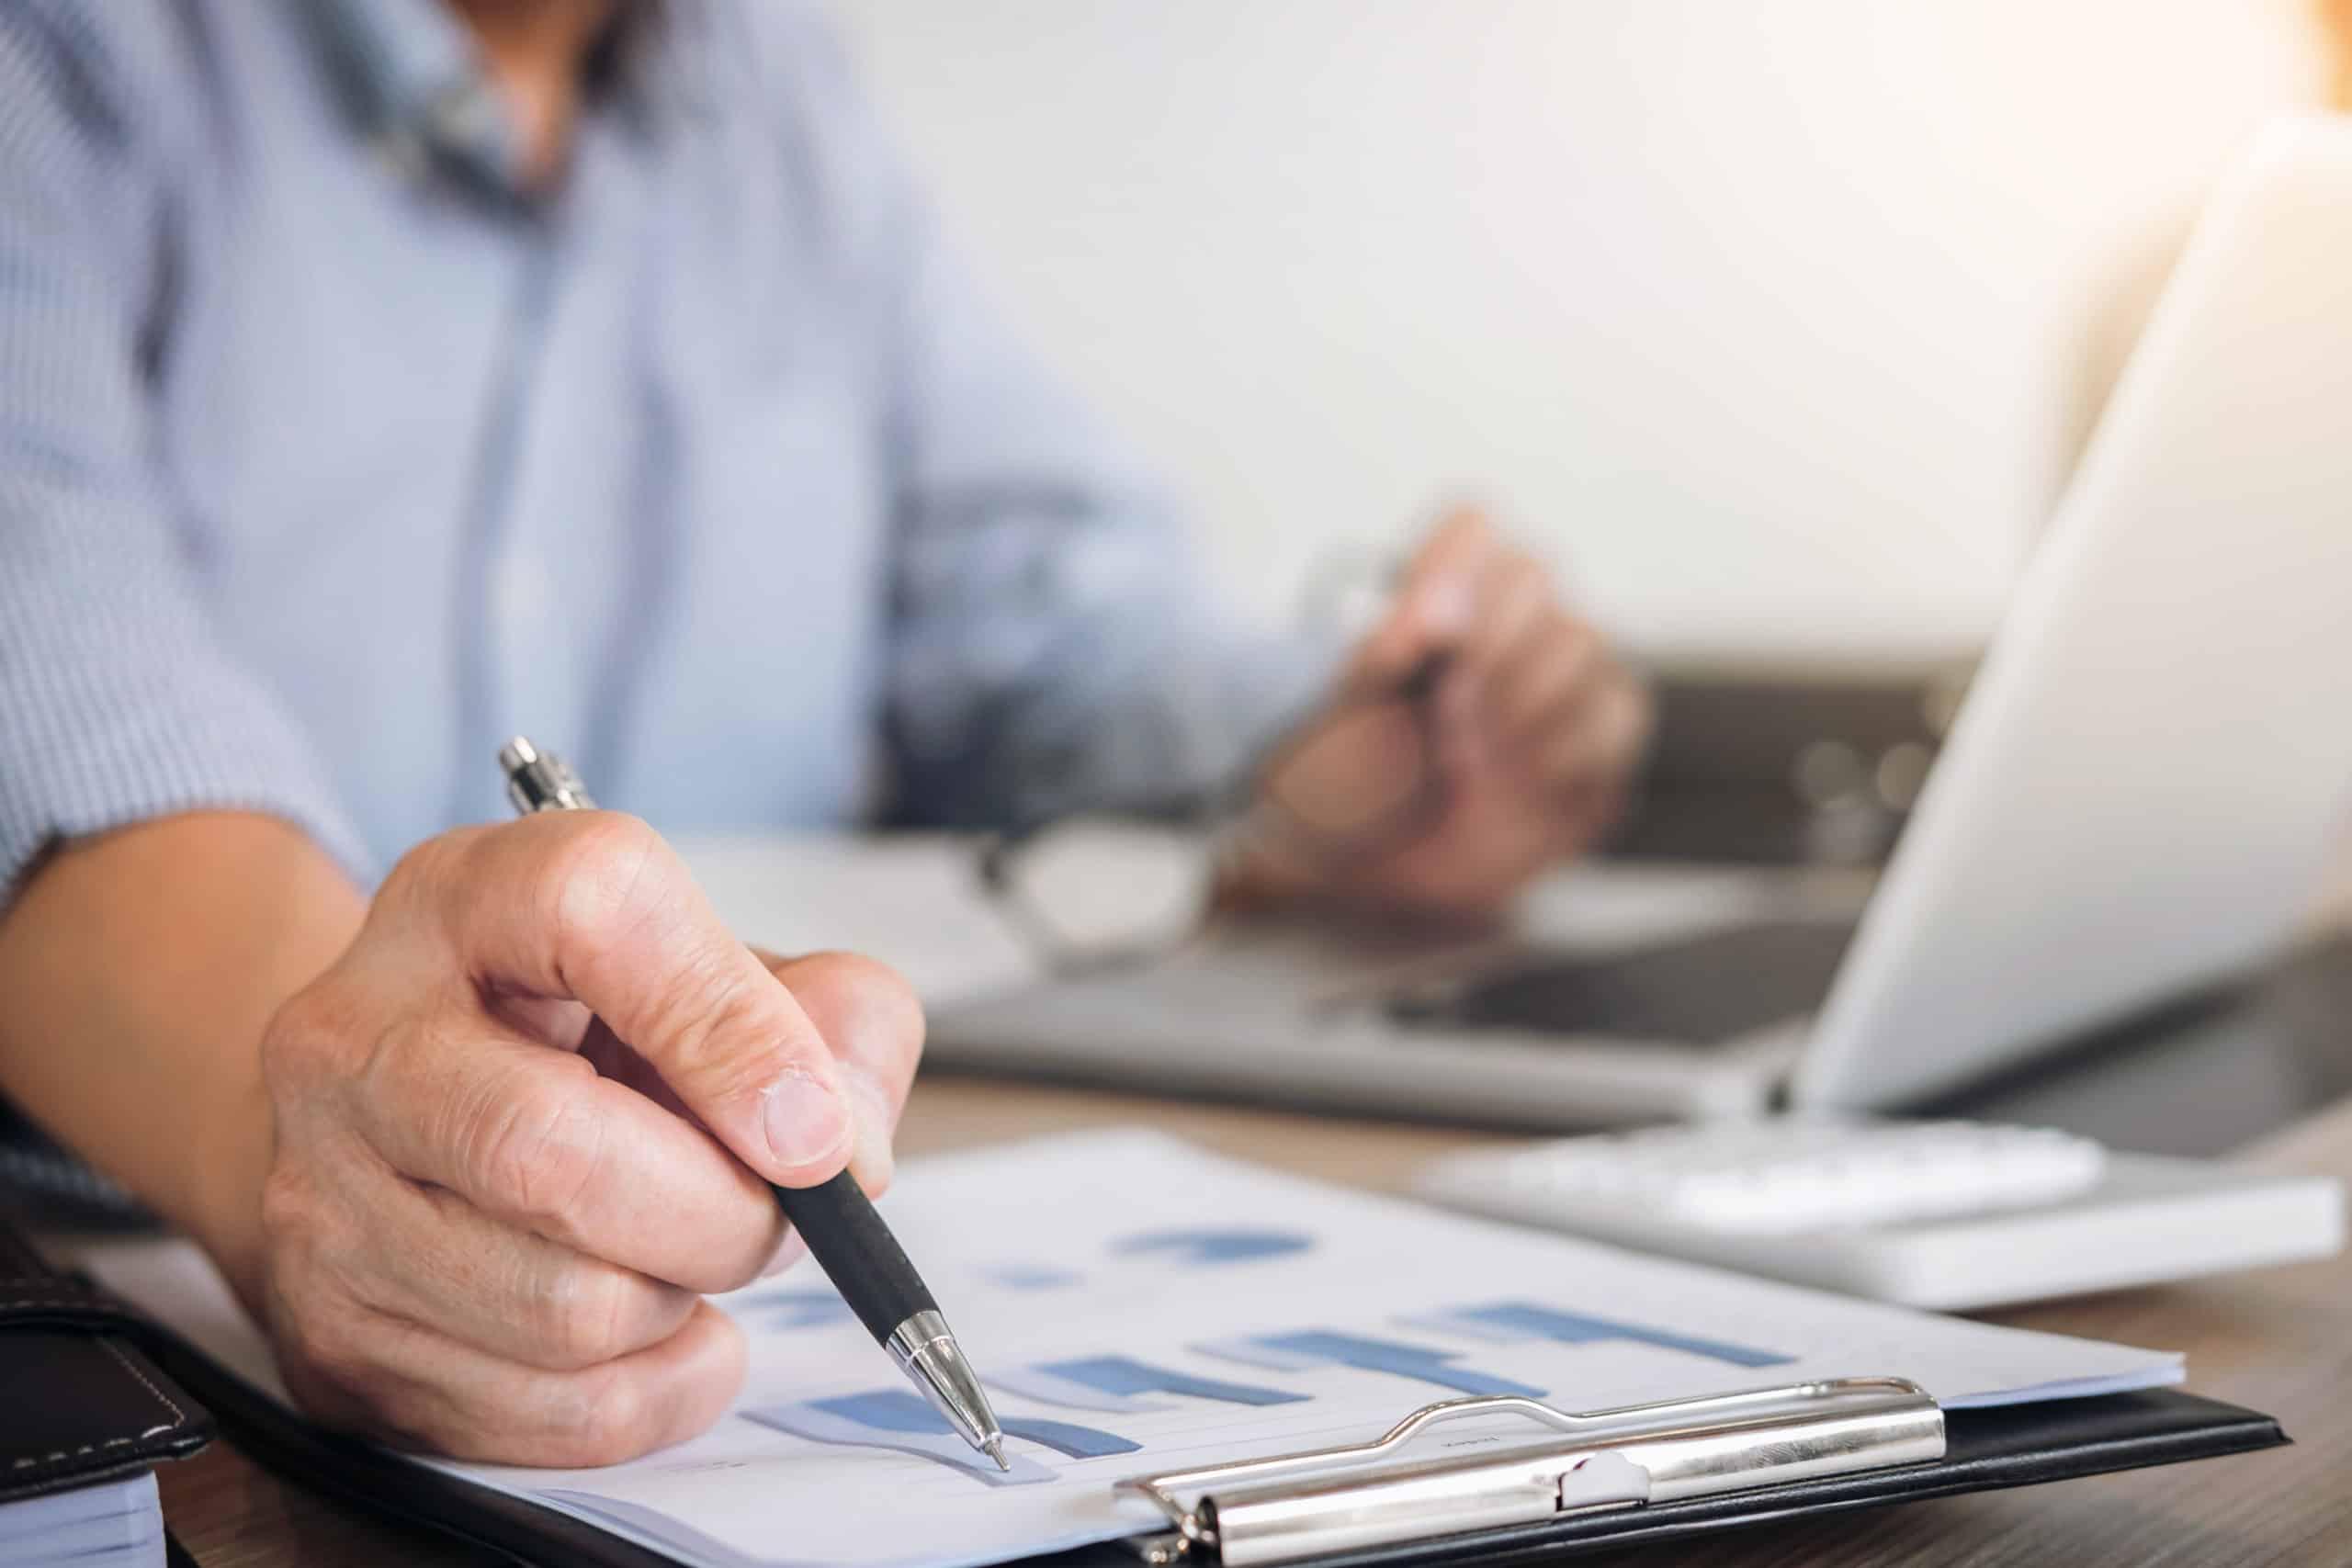 Les dirigeants d'entreprise peuvent-ils bénéficier de l'épargne-retraite (PERCO) ?